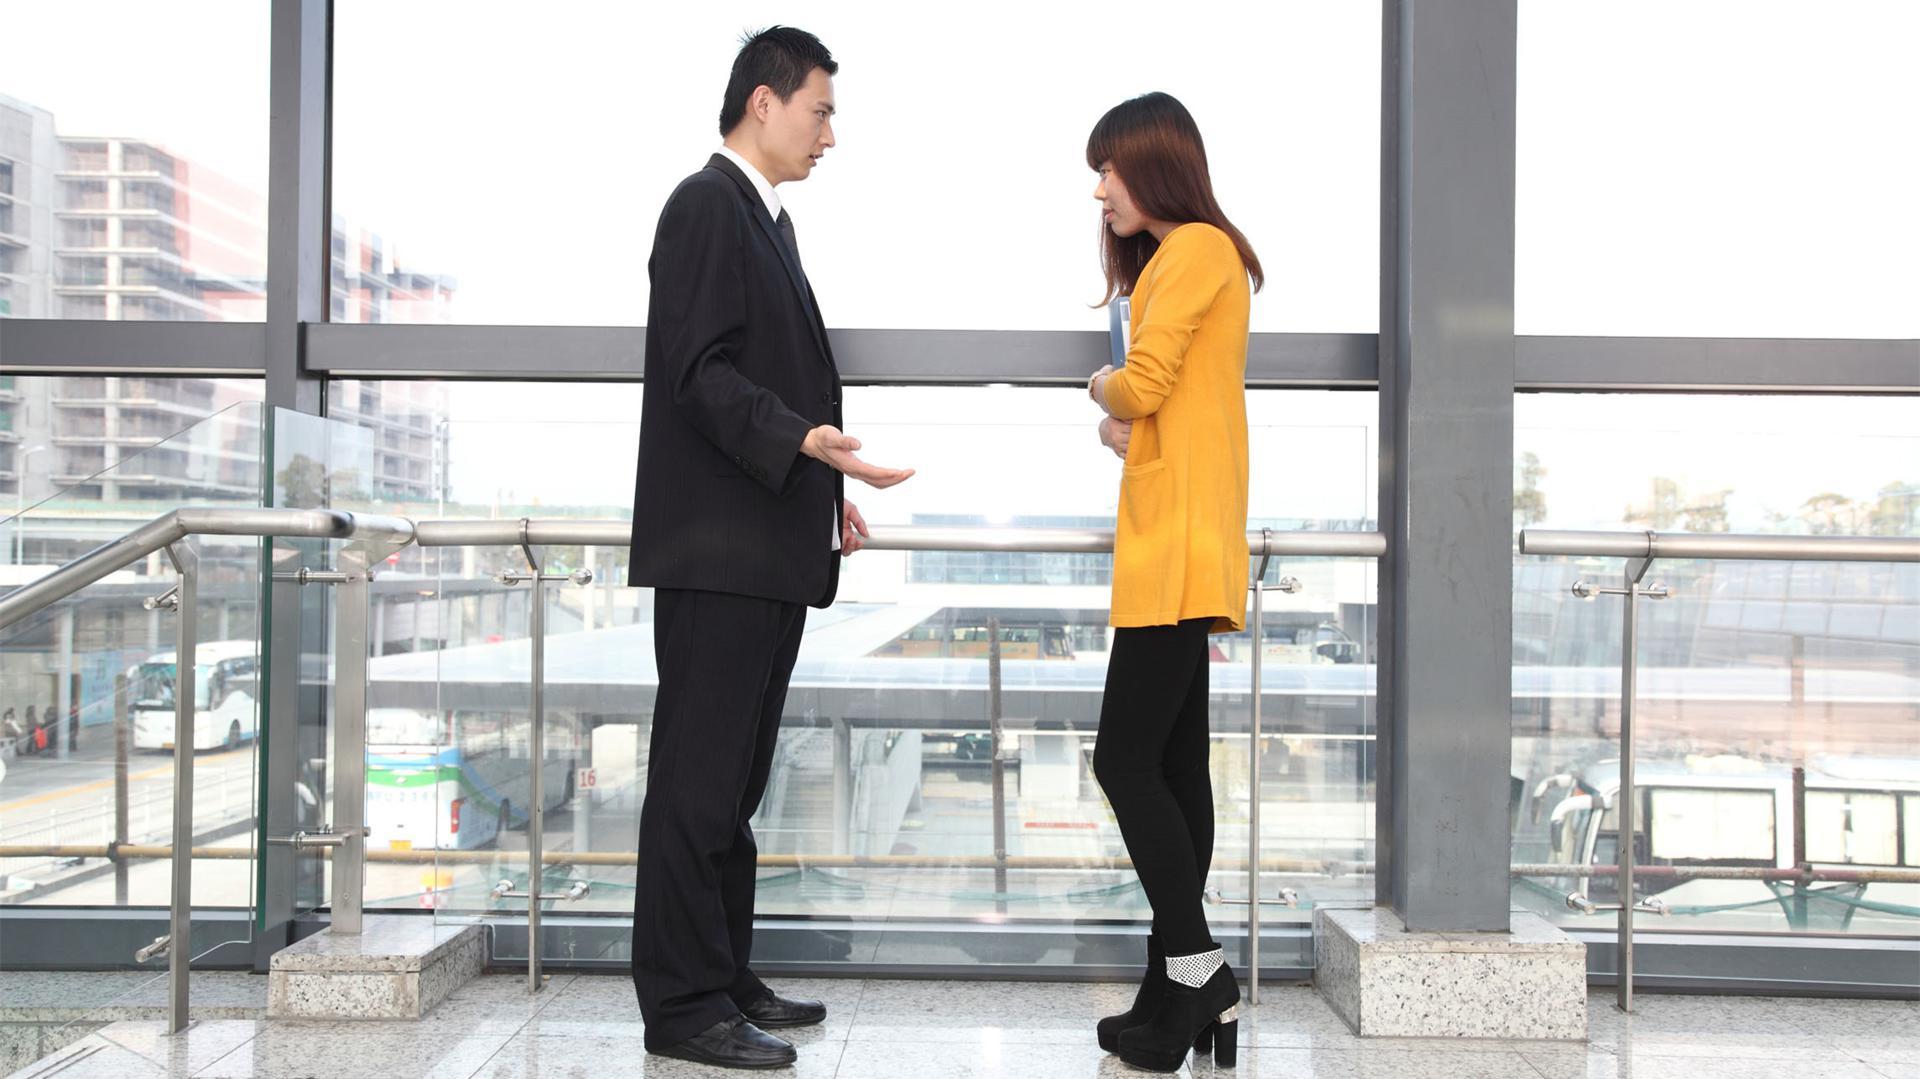 实习时在公司偶遇老板该怎么打招呼?